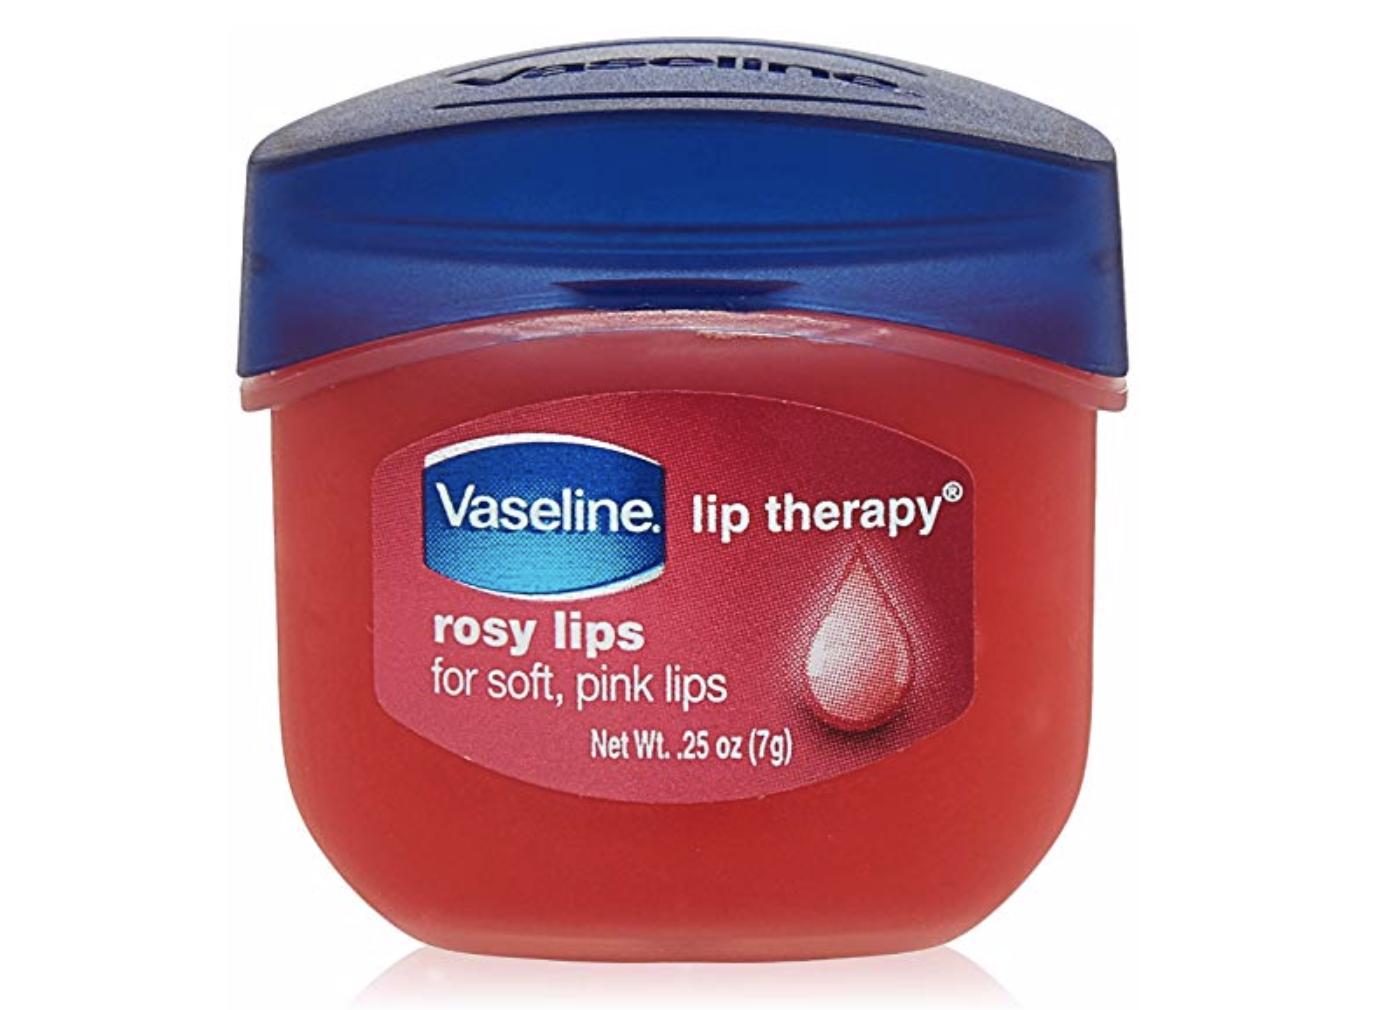 Vaseline Rosy Lip Therapy